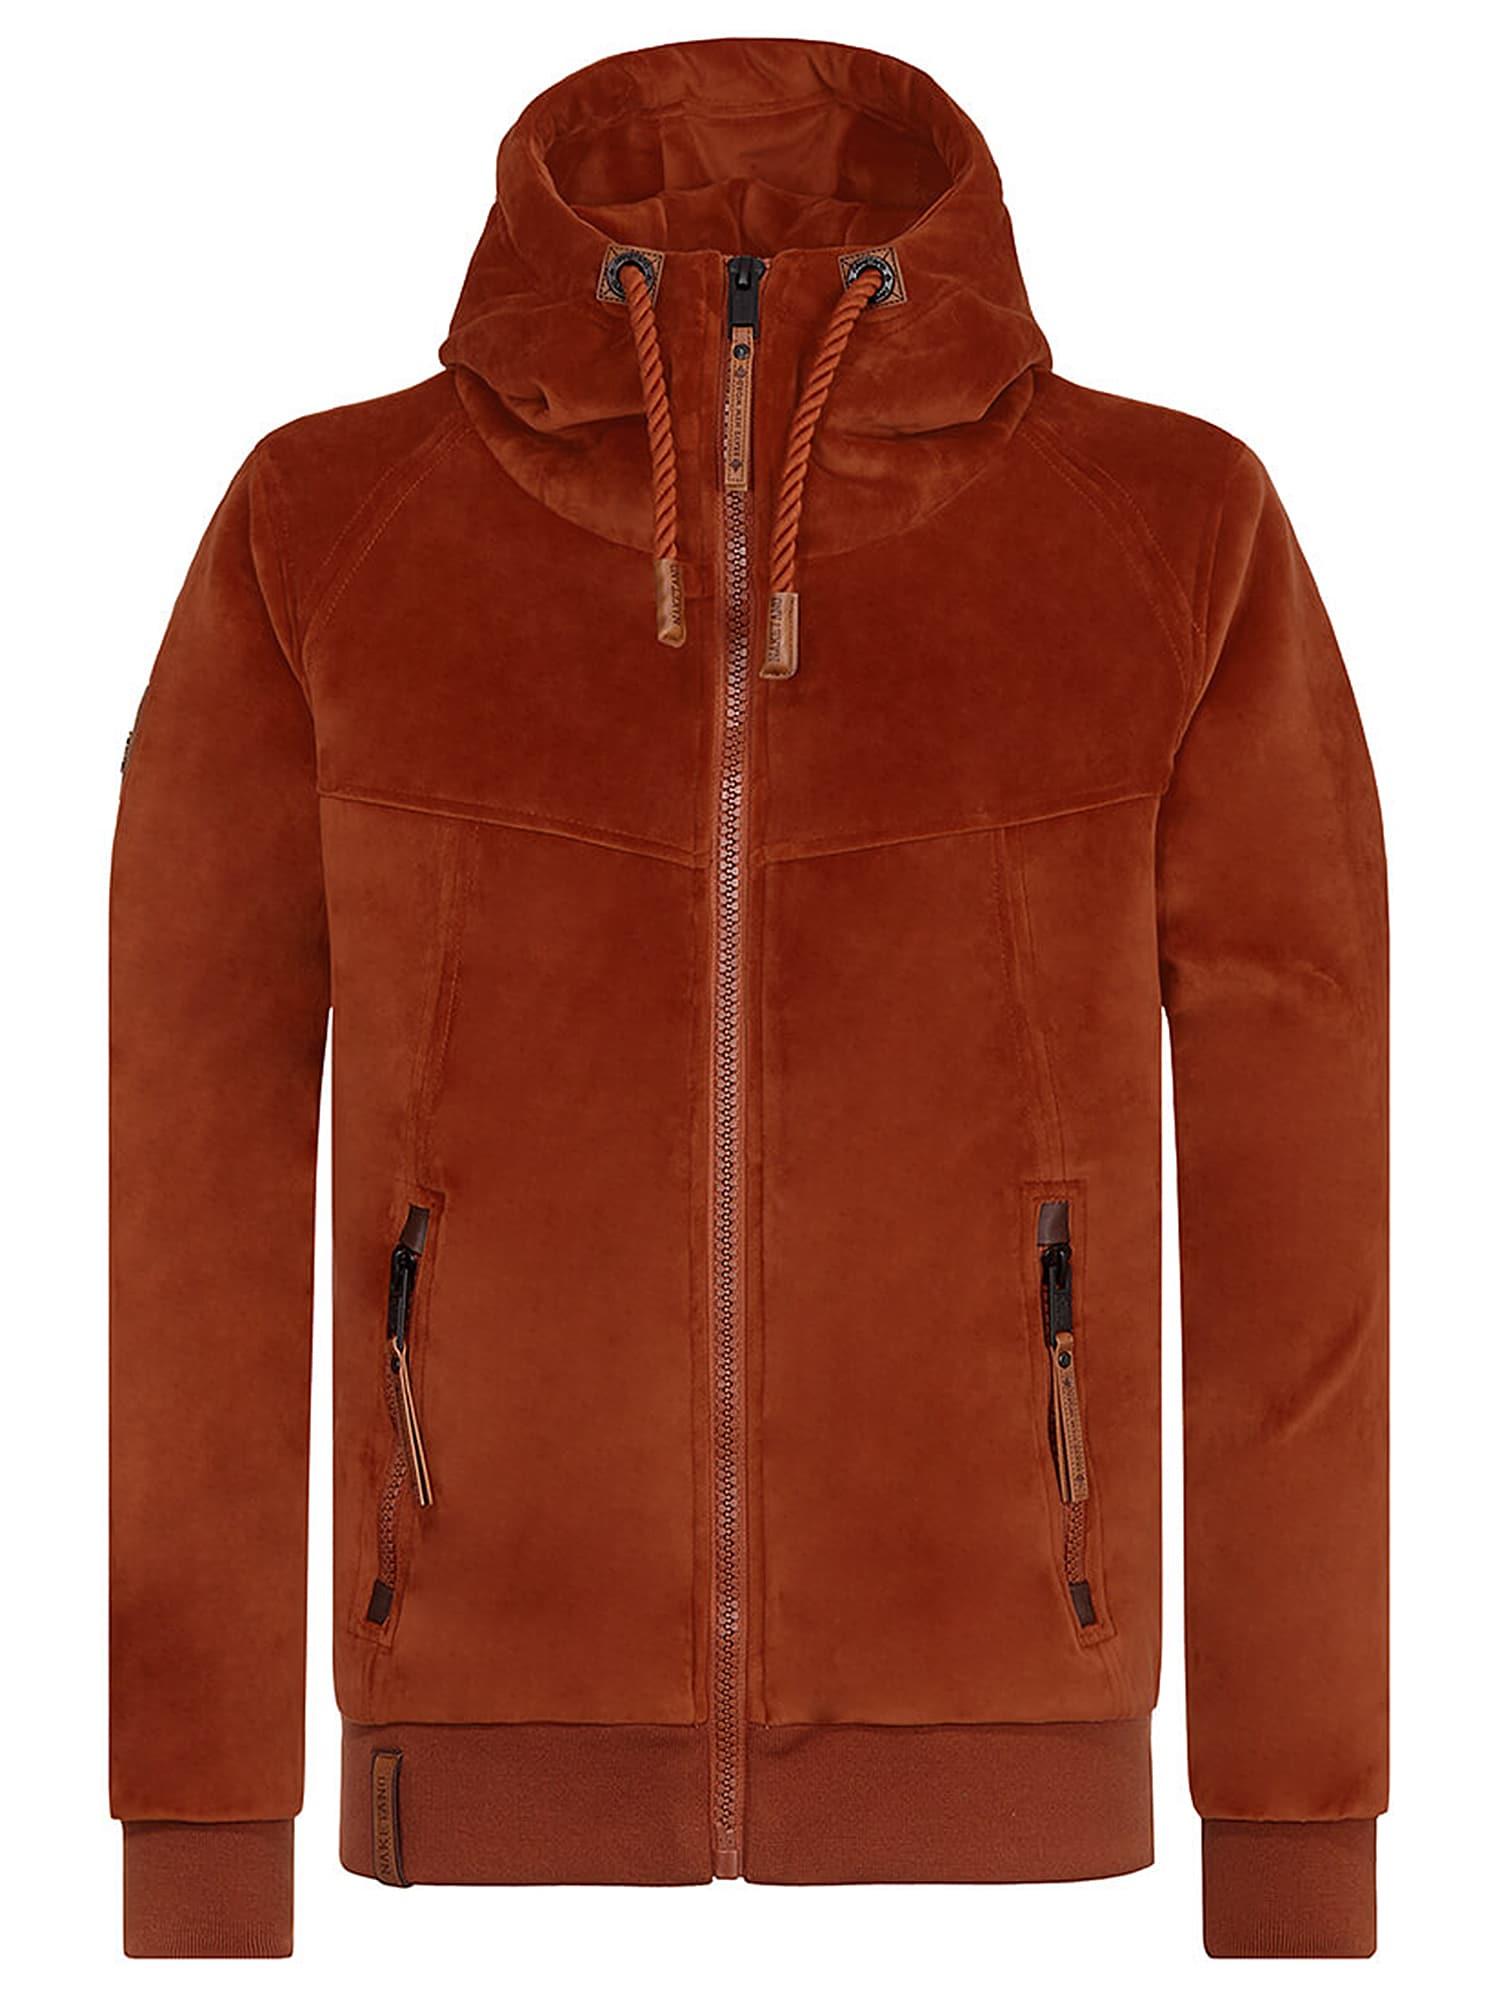 naketano Flisinis džemperis 'Surviving Is A Spirit' rūdžių raudona